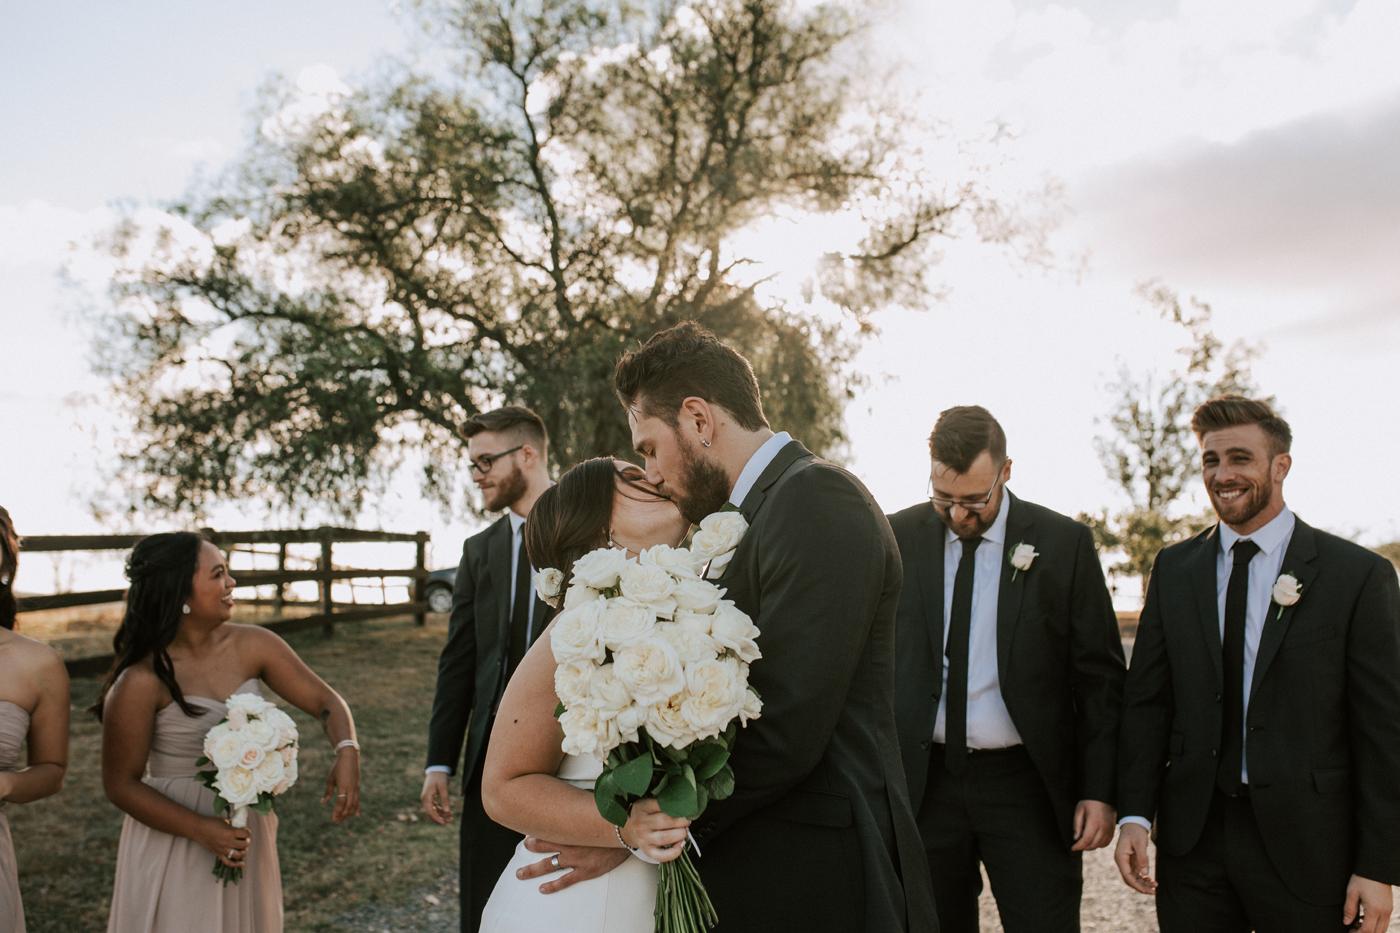 RC Real Bride - Allure Bridal Mermaid Wedding Dress 9416 - Shannon & Alex-Joel